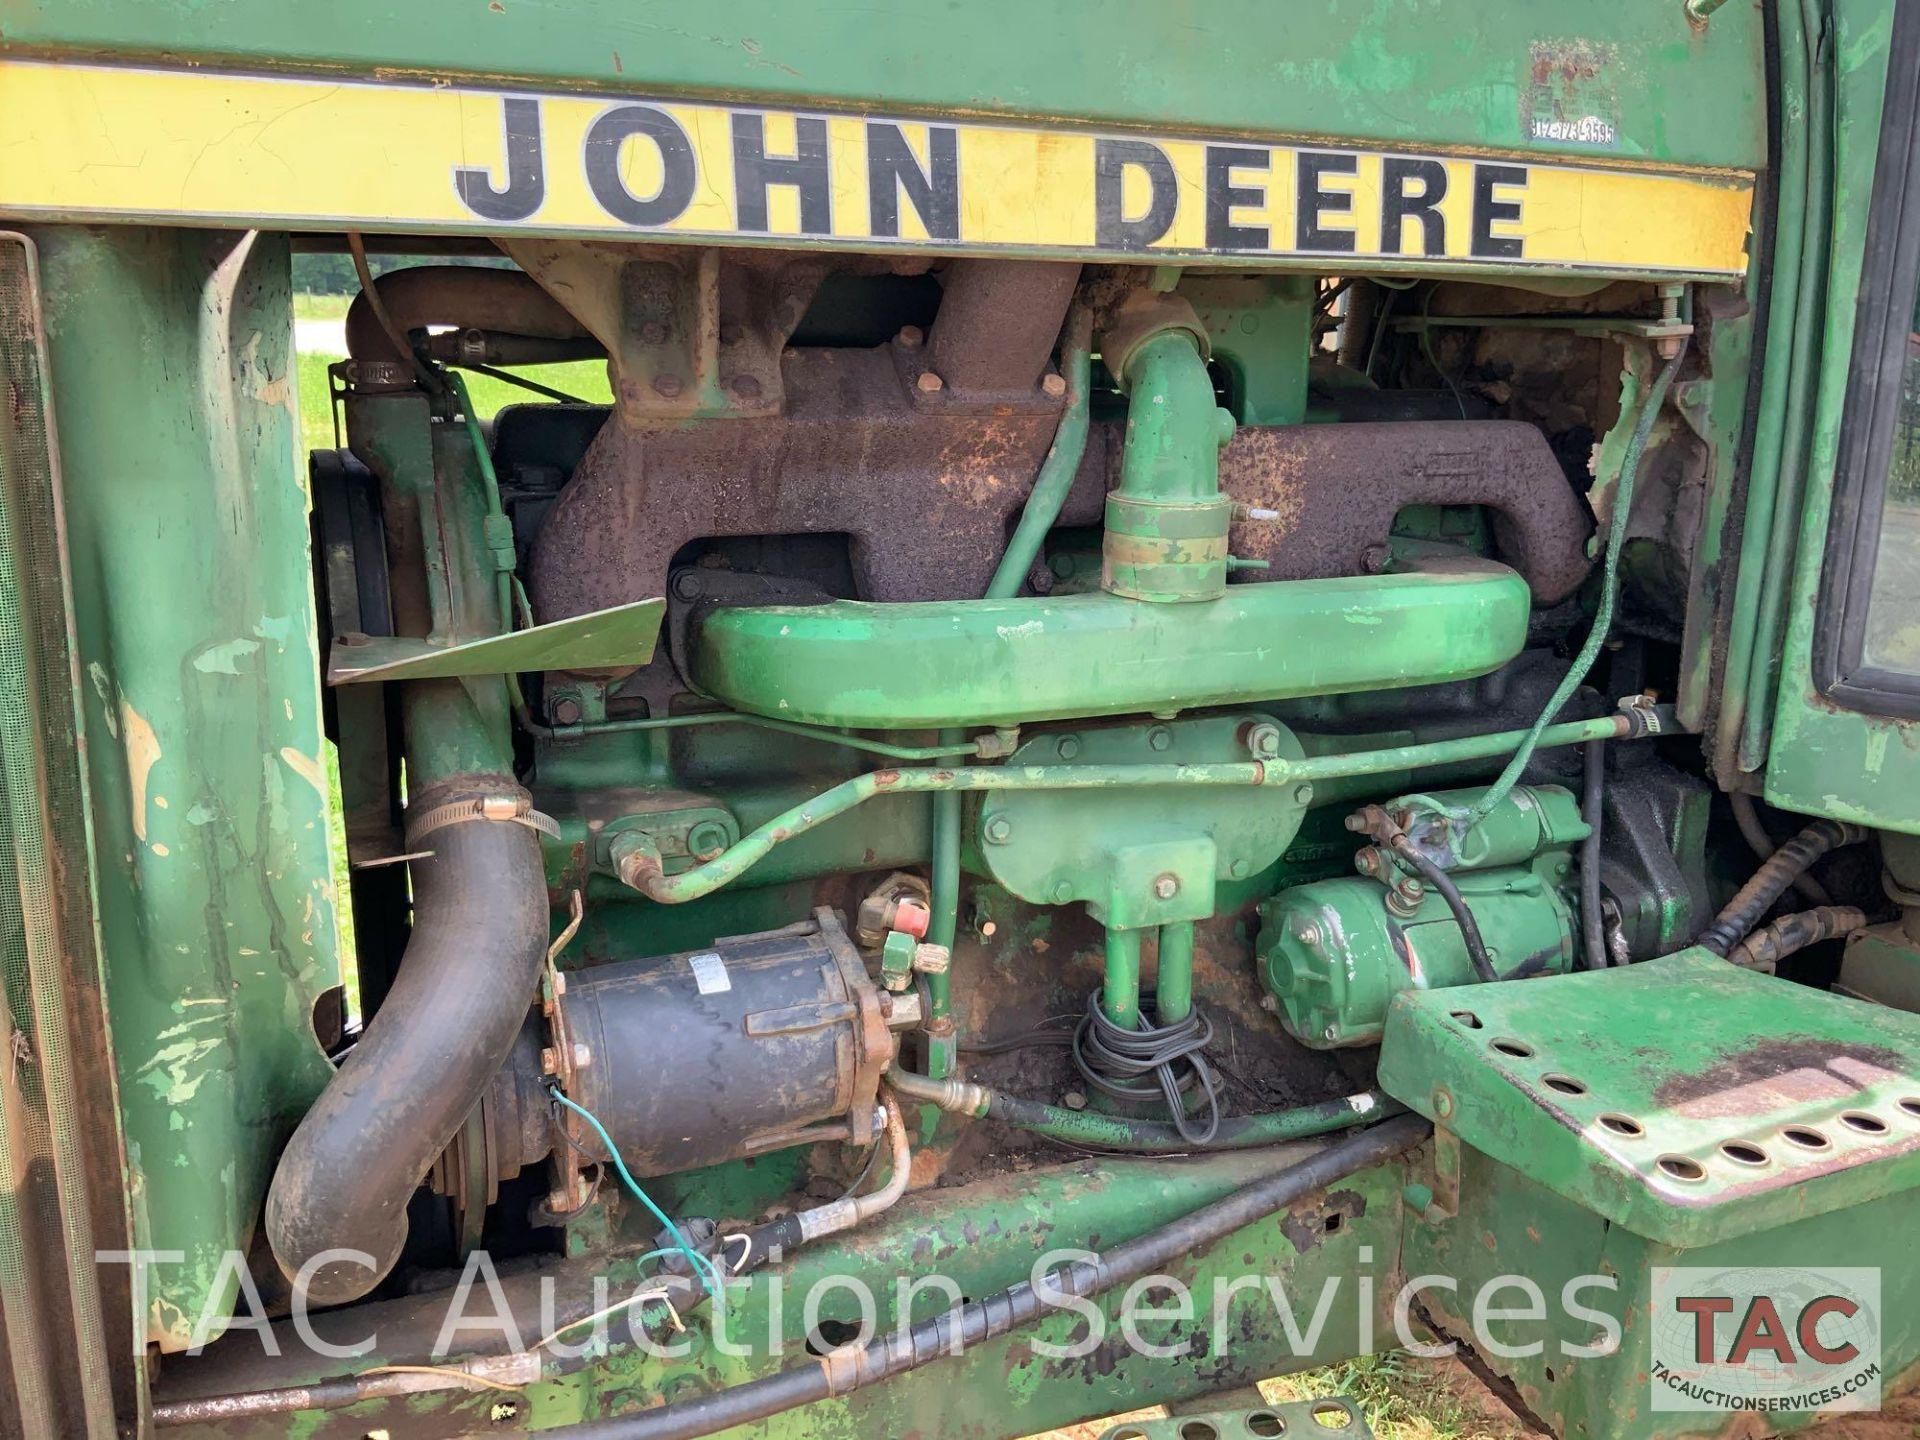 John Deere 4440 Tractor - Image 12 of 31